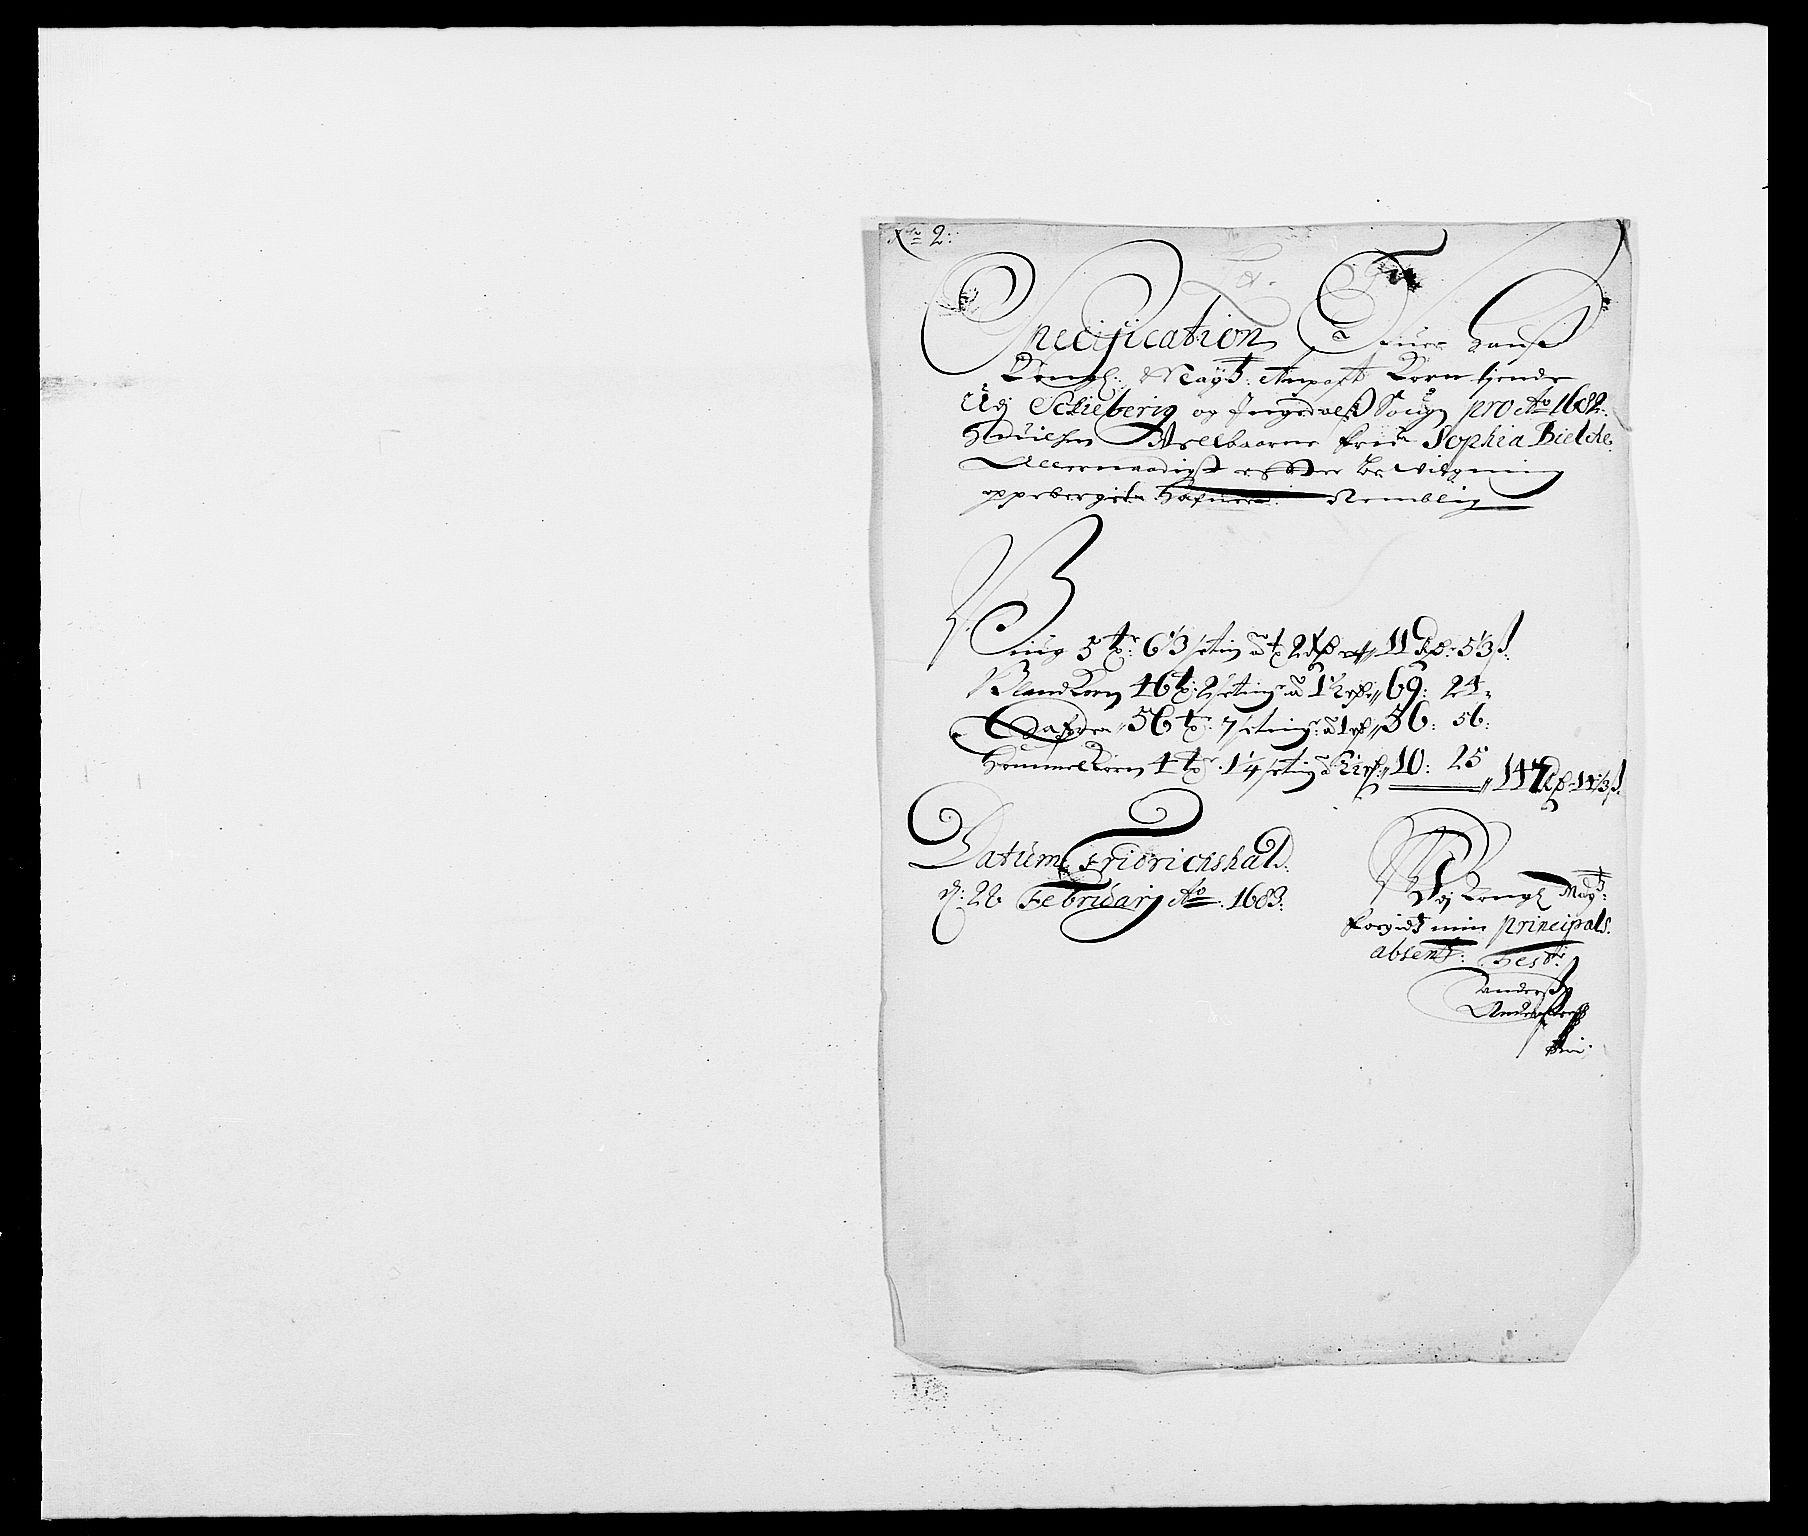 RA, Rentekammeret inntil 1814, Reviderte regnskaper, Fogderegnskap, R01/L0004: Fogderegnskap Idd og Marker , 1682-1683, s. 121